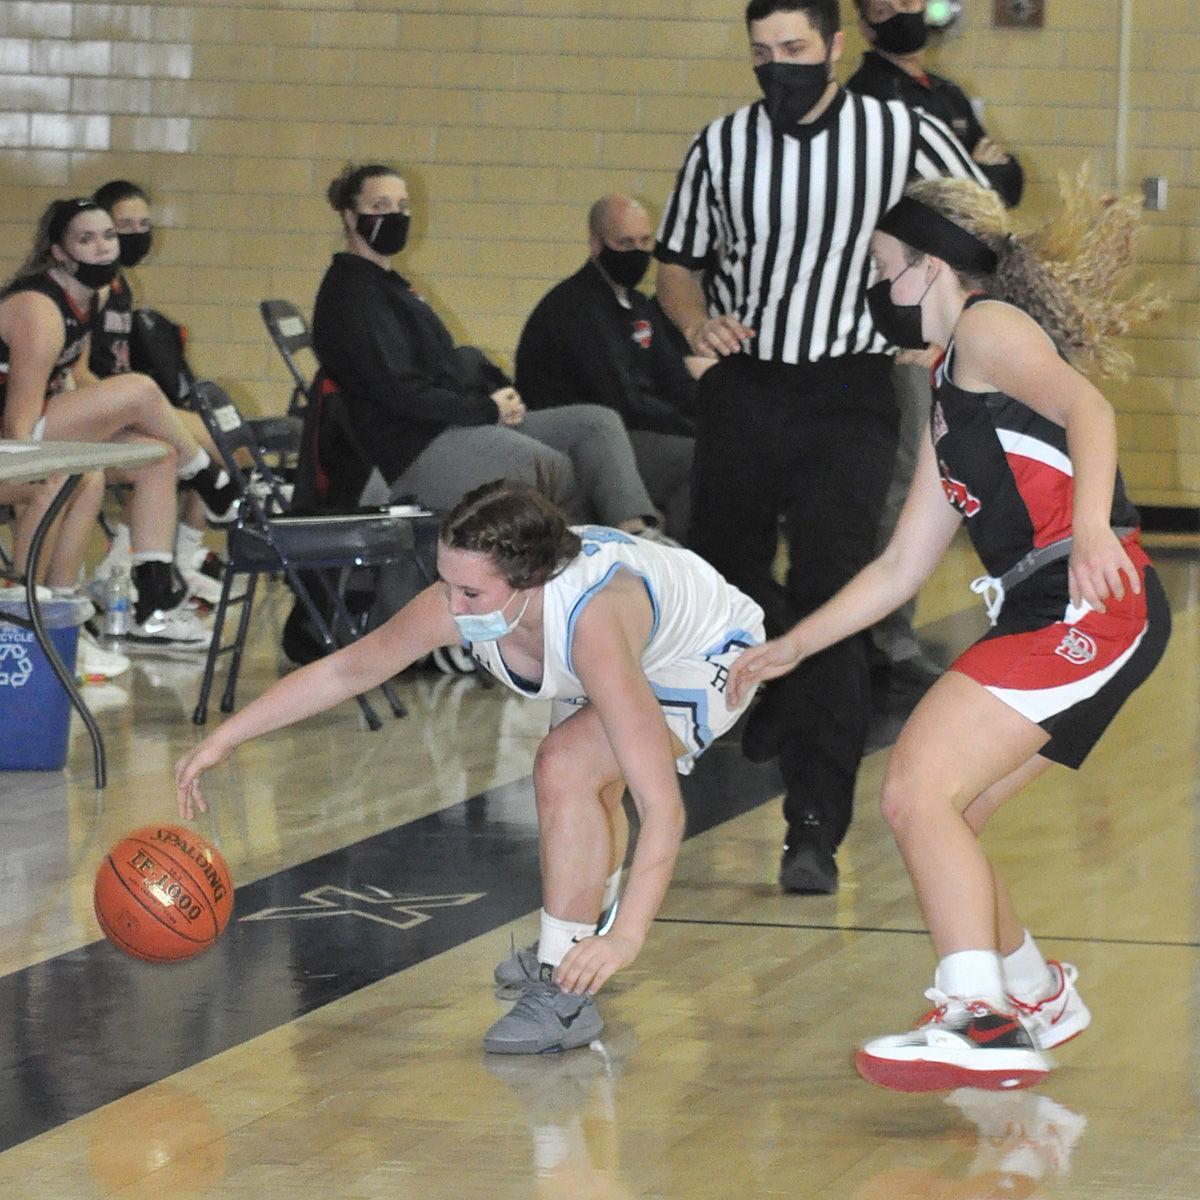 Elizabeth Wonderling ball save